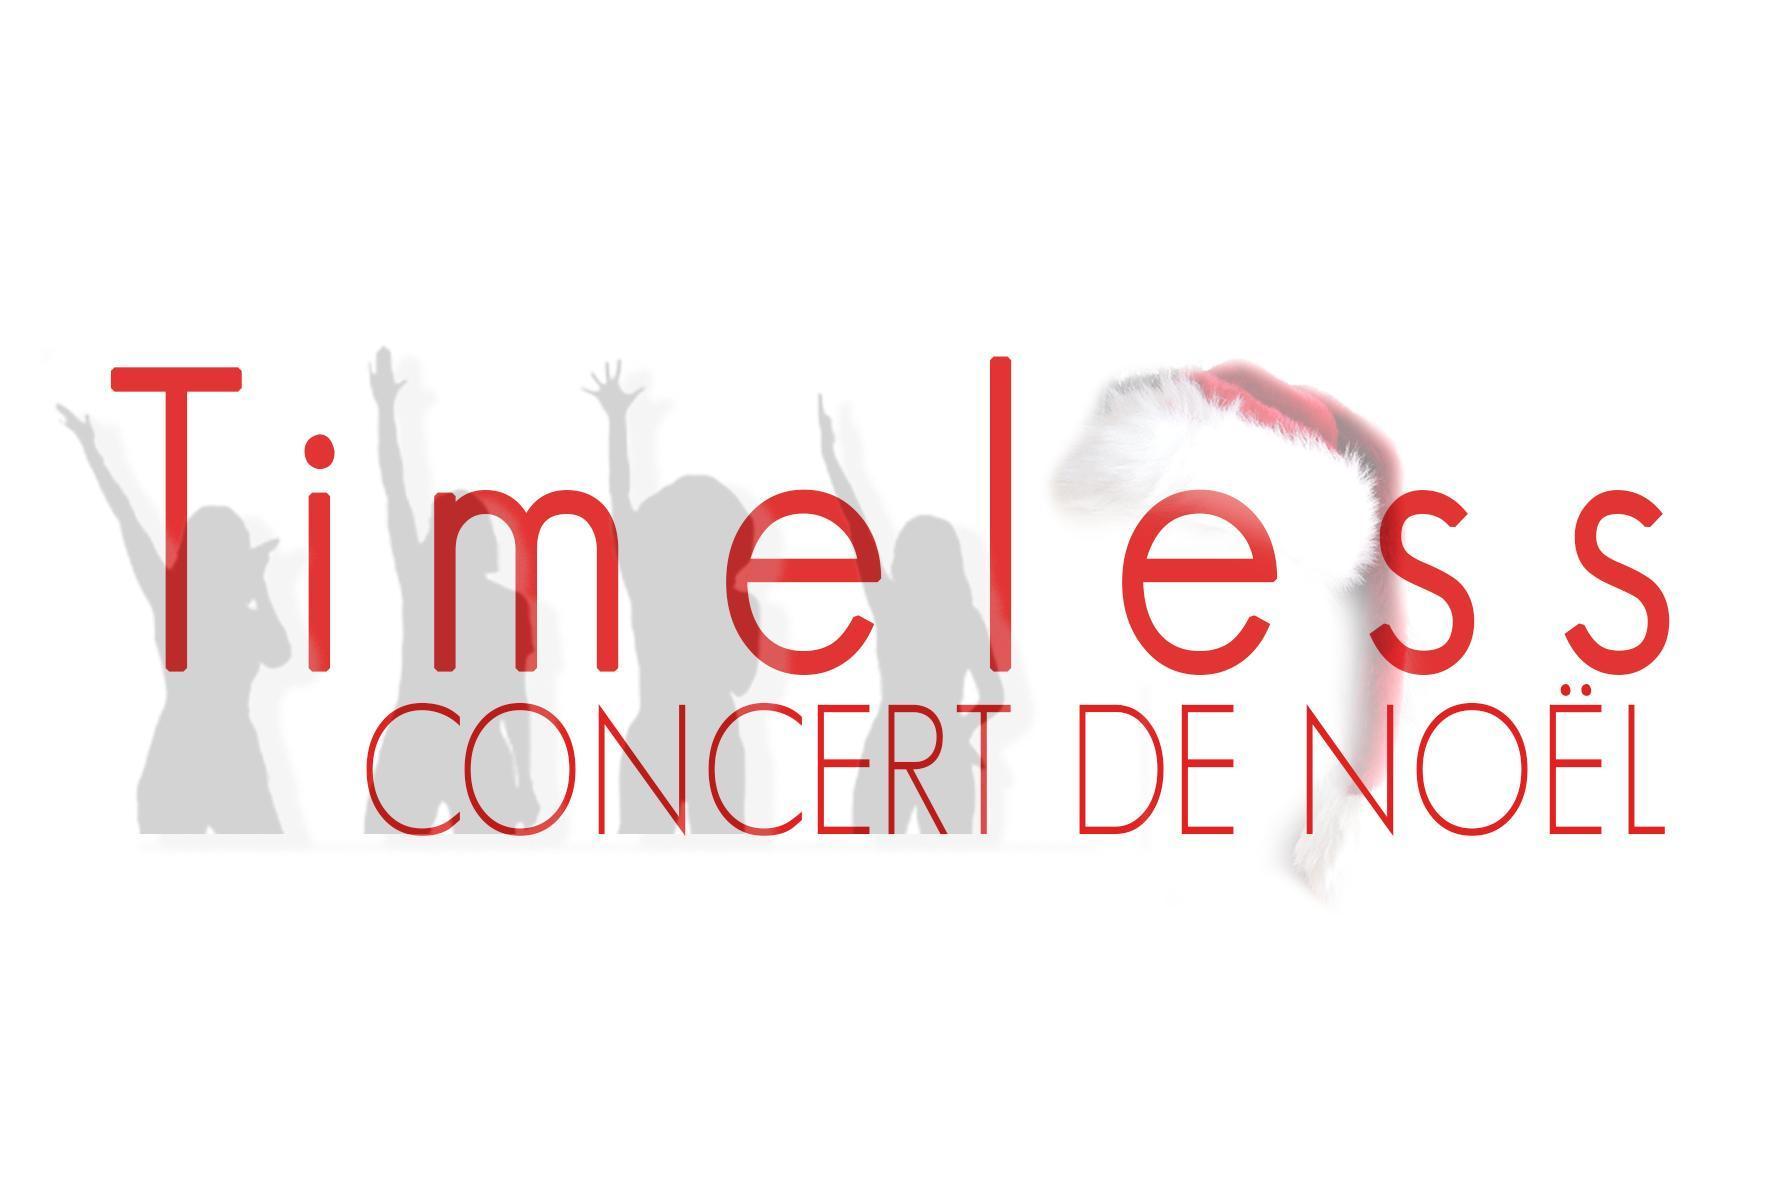 Logo timeless concert noel2